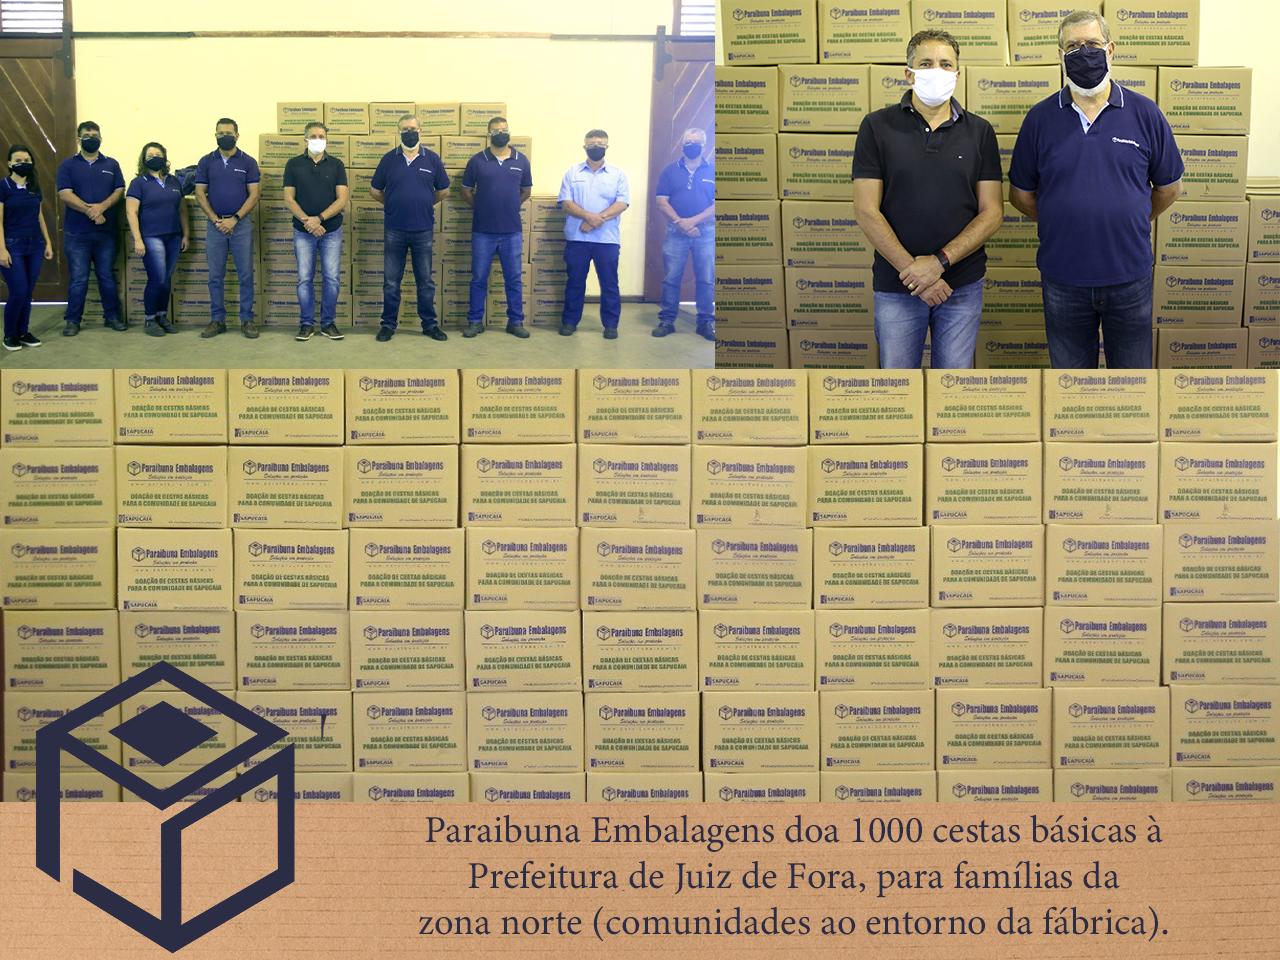 Paraibuna Embalagens doa 500 Cestas básicas em Sapucaia/RJ